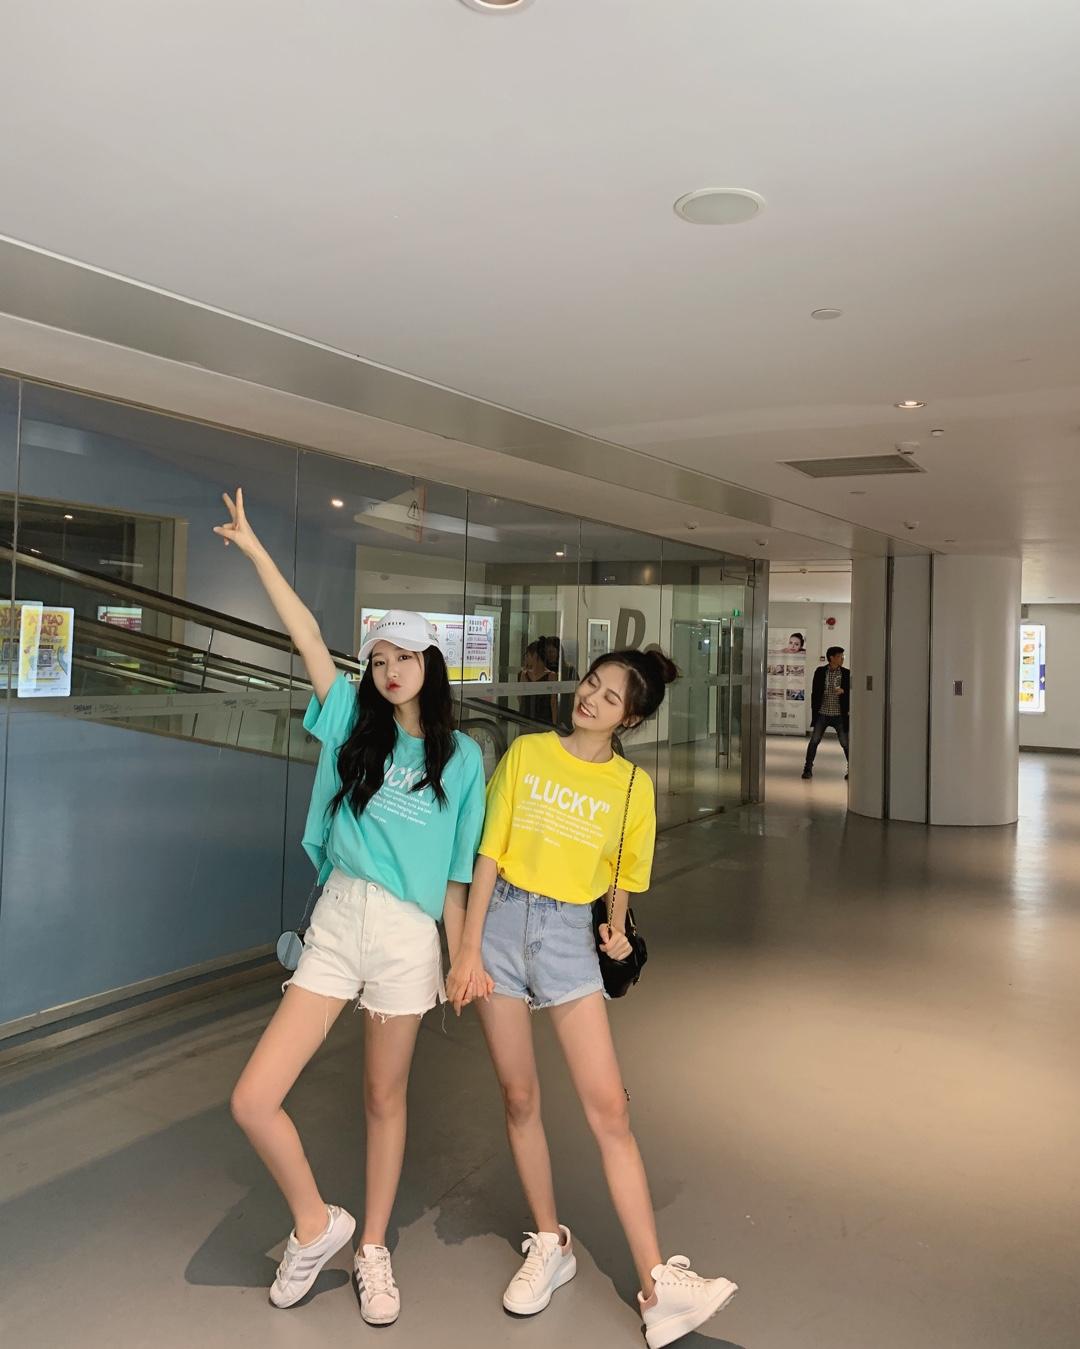 #五一穿什么才能赞爆朋友圈?#  五一快来了 当然要和好朋友姐妹装啊 最简单的同款不同色luck短袖 配上高腰短裤 逛商城也是非常吸晴的!